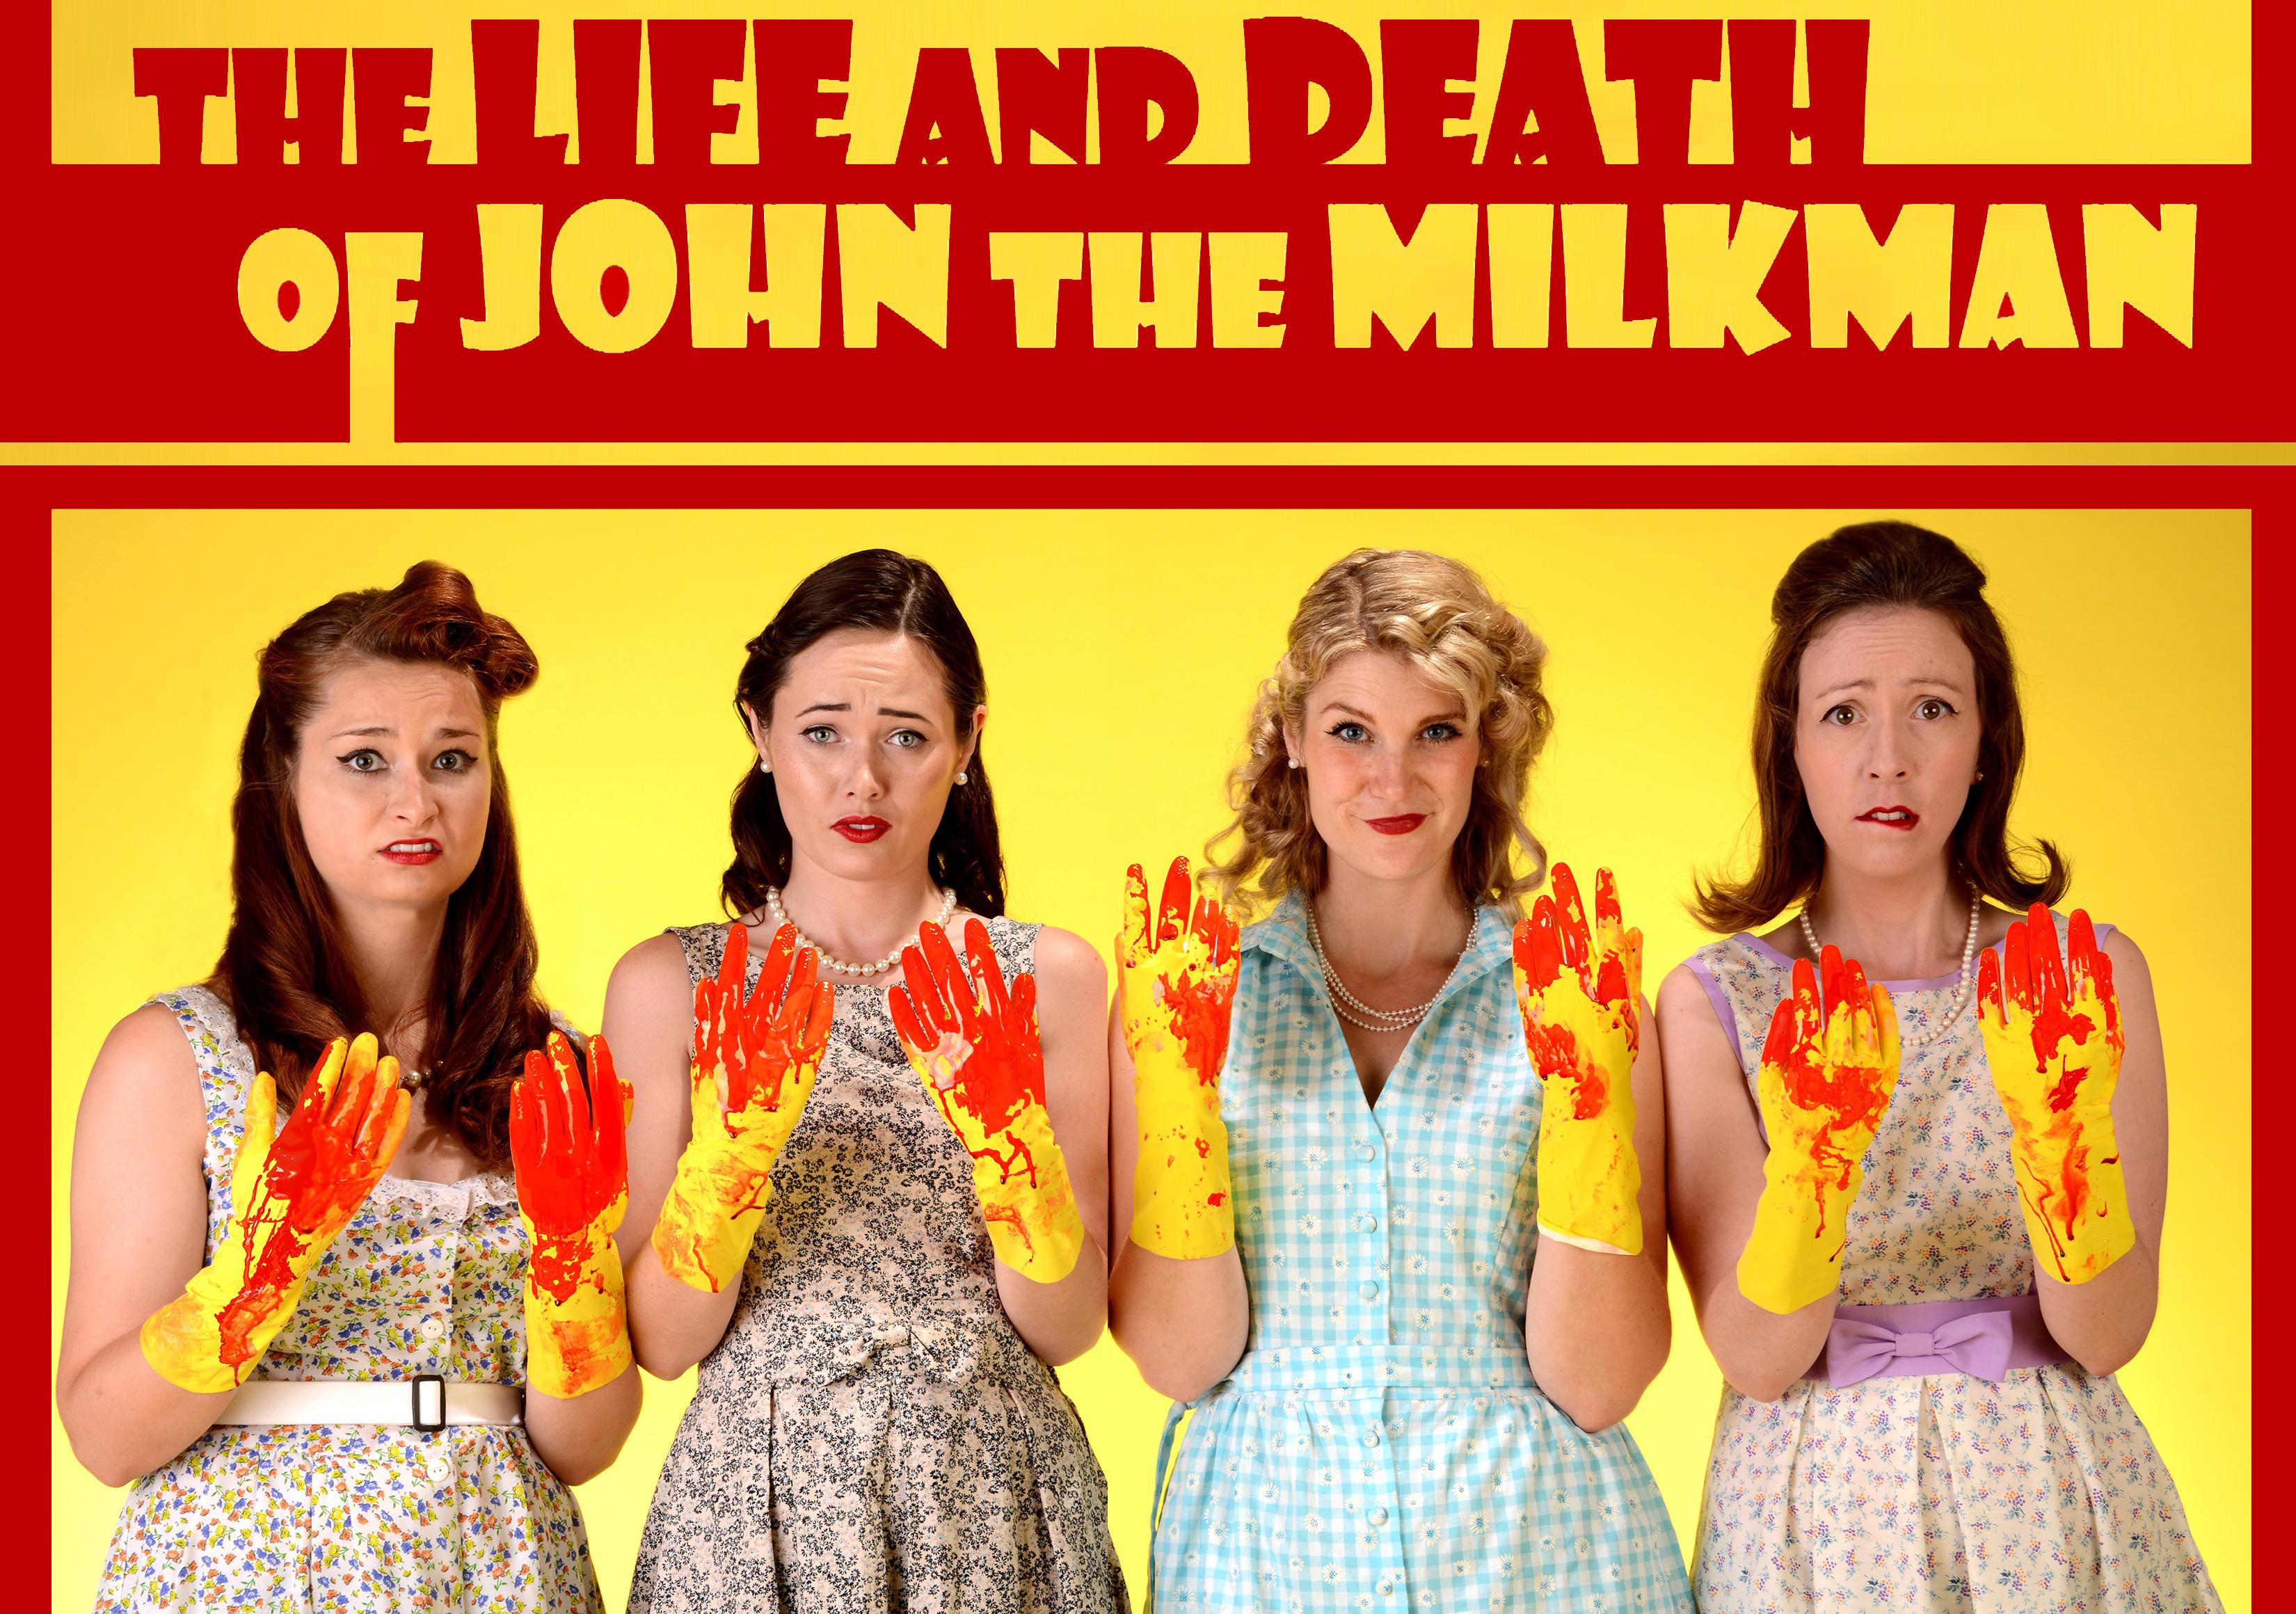 Milkman show